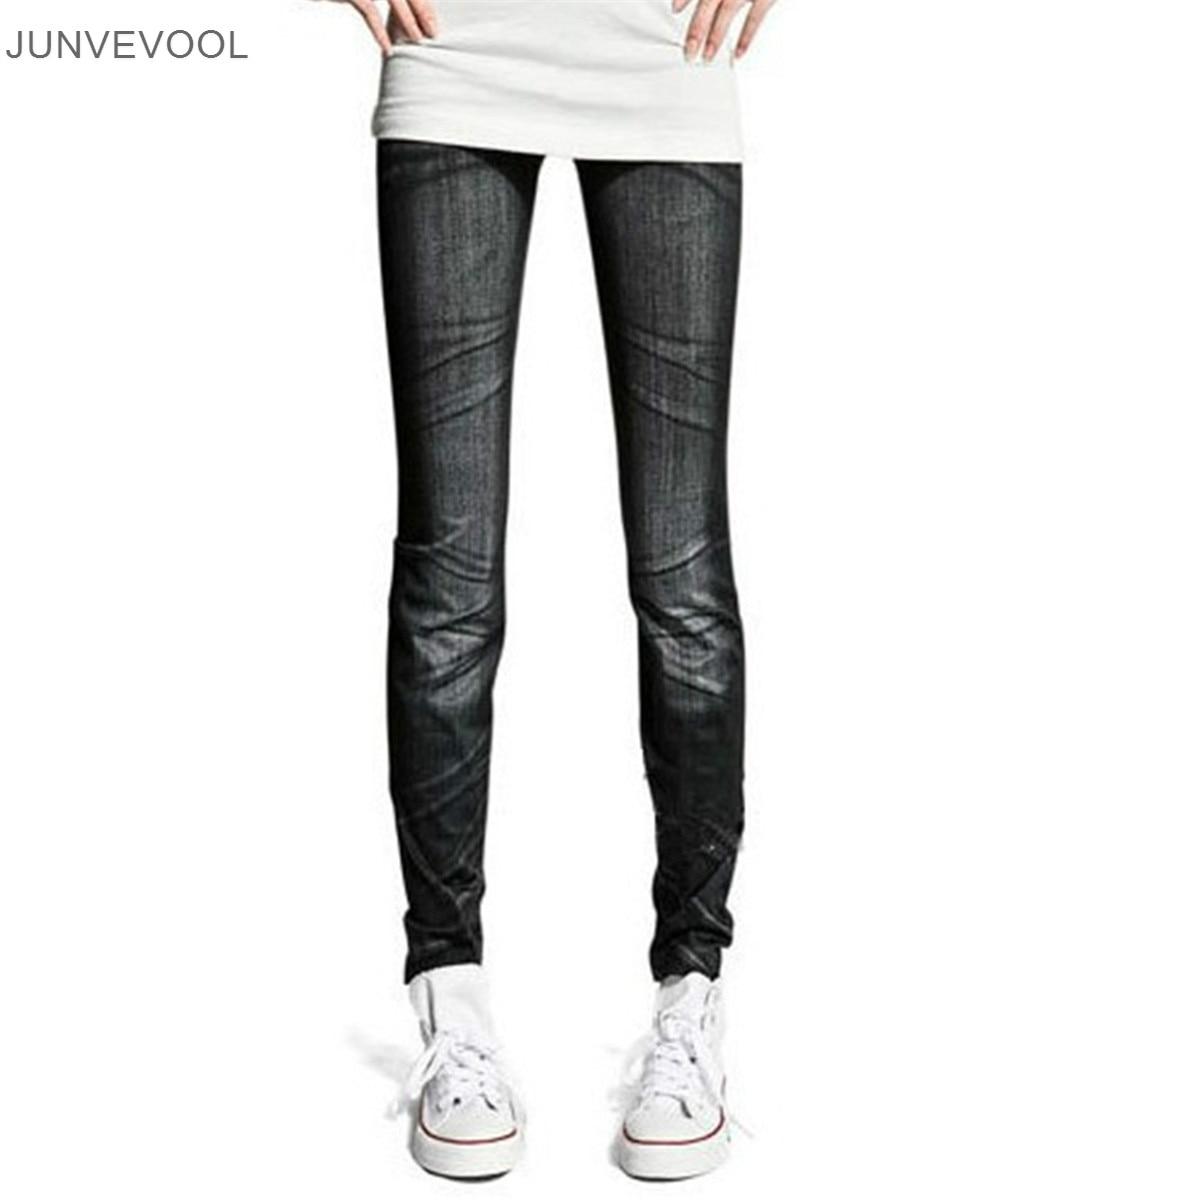 Unterschied zwischen jeans und jeggings